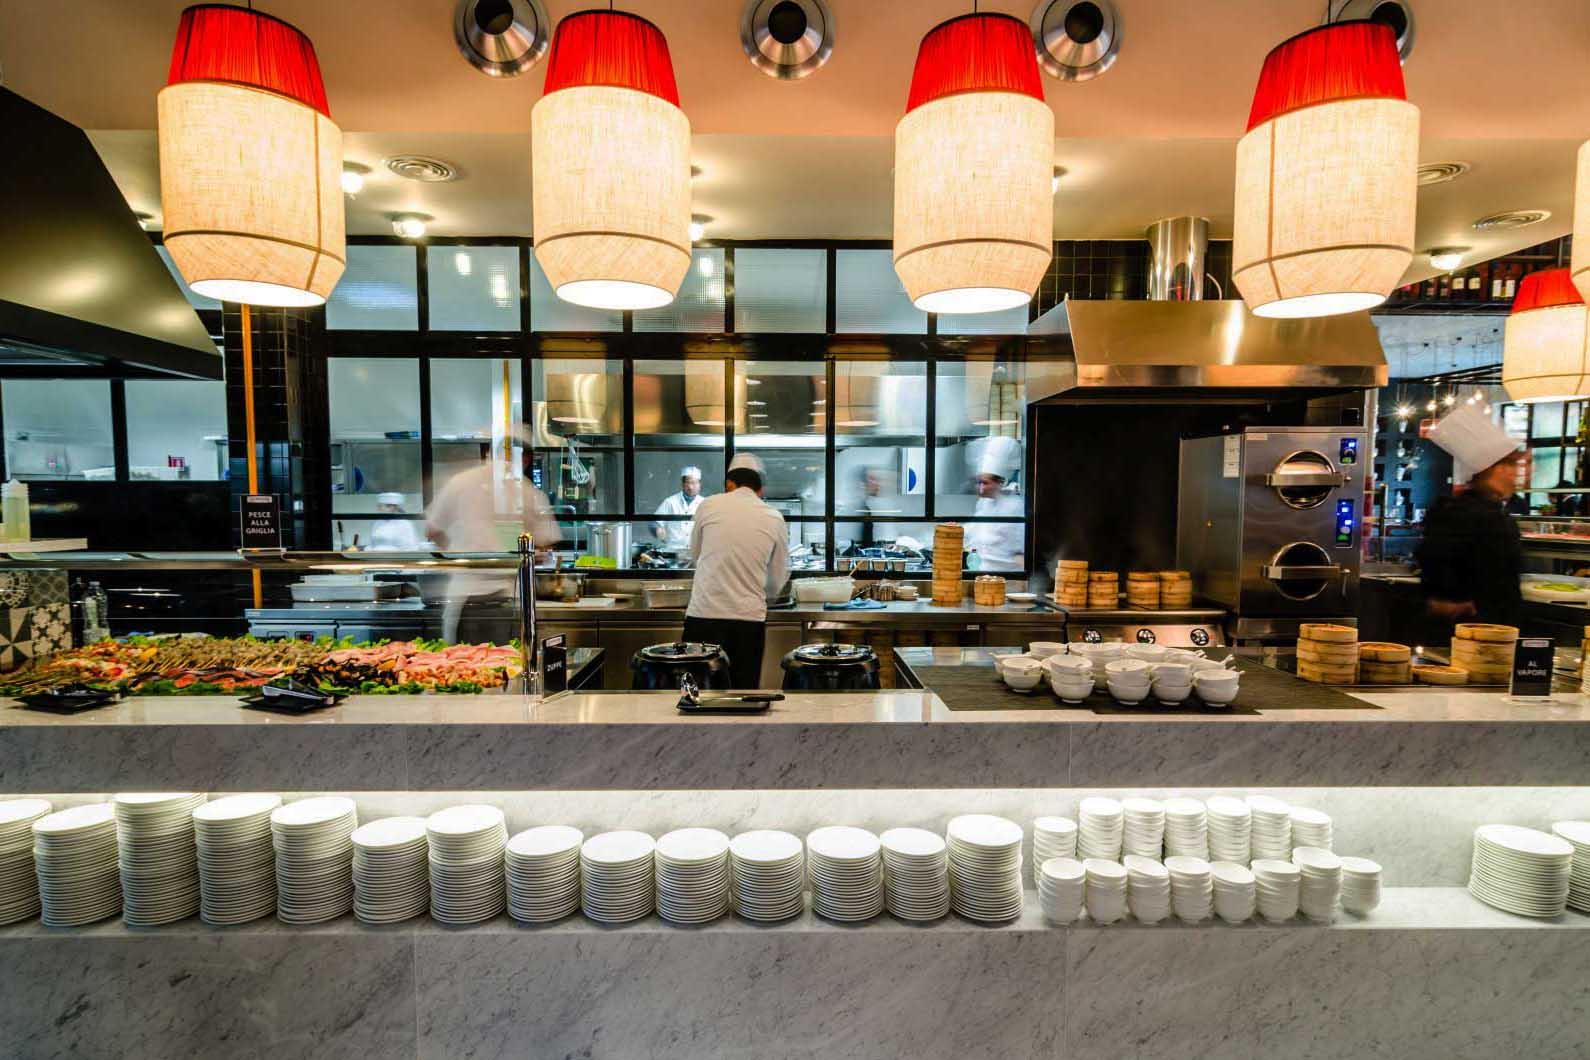 La Dogana nuovo ristorante cinese low cost apre con cibo gratis